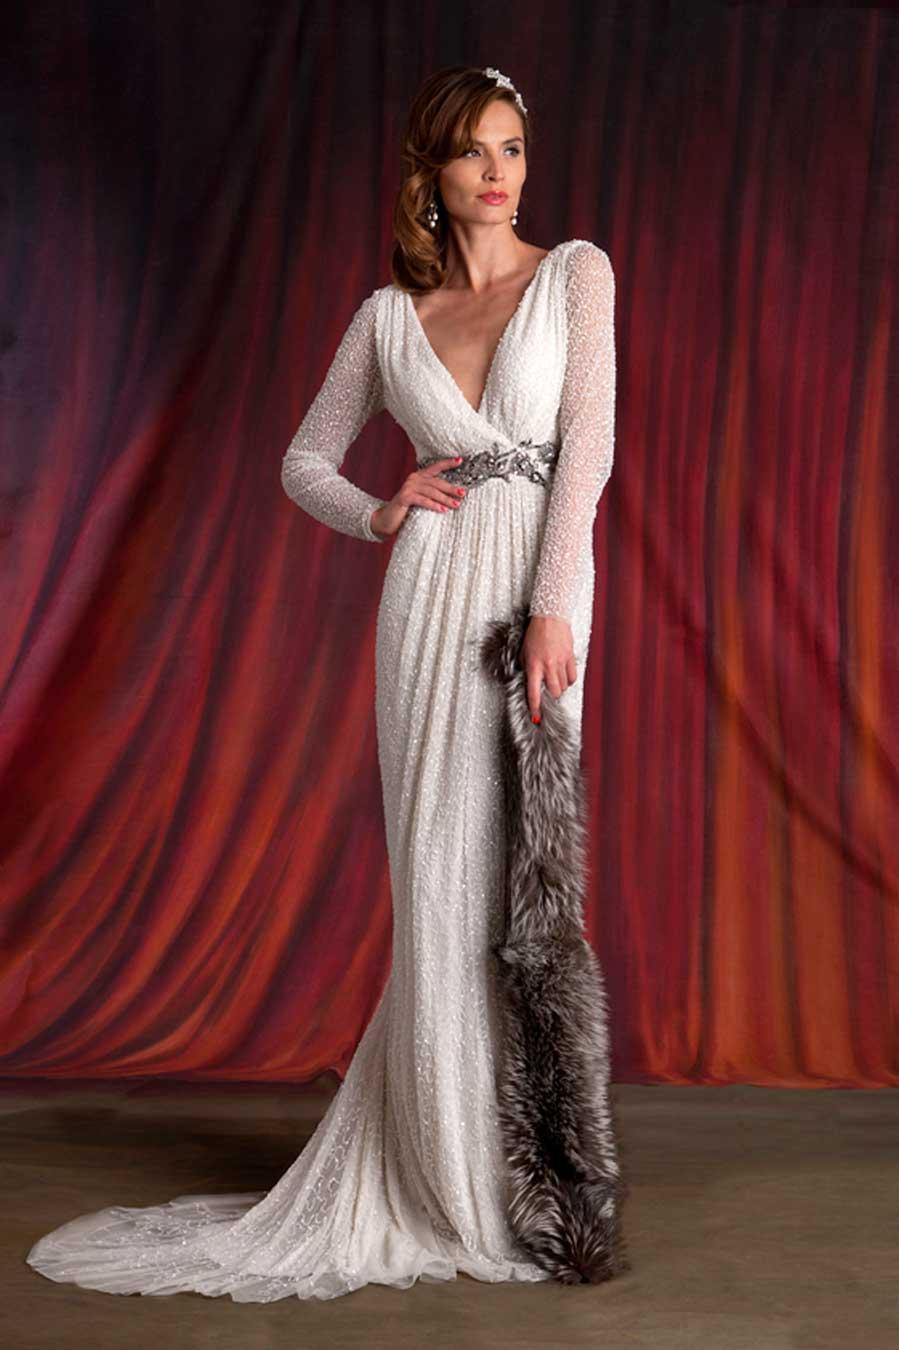 Eliza-Jane-Howell-Carole-Vintage-Style-Vestido de novia-Diseñador-Irlanda-Decadence